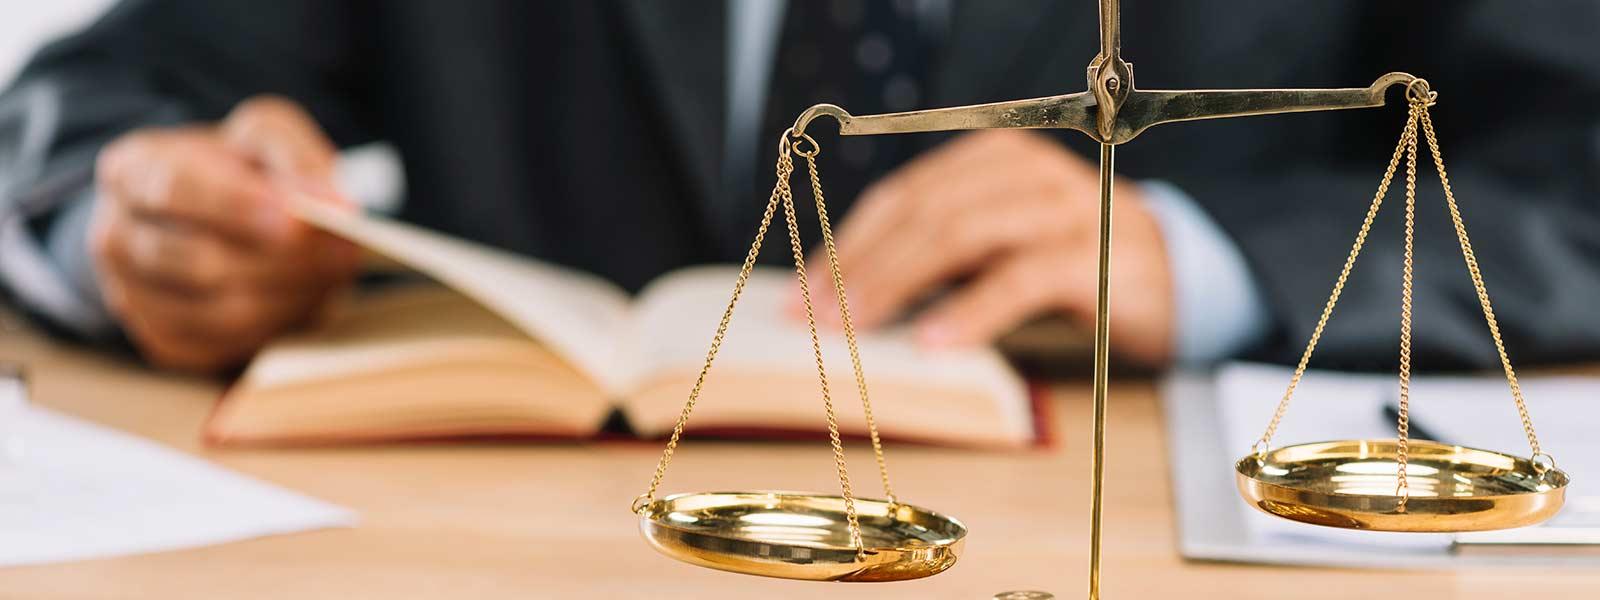 юридичний підхід